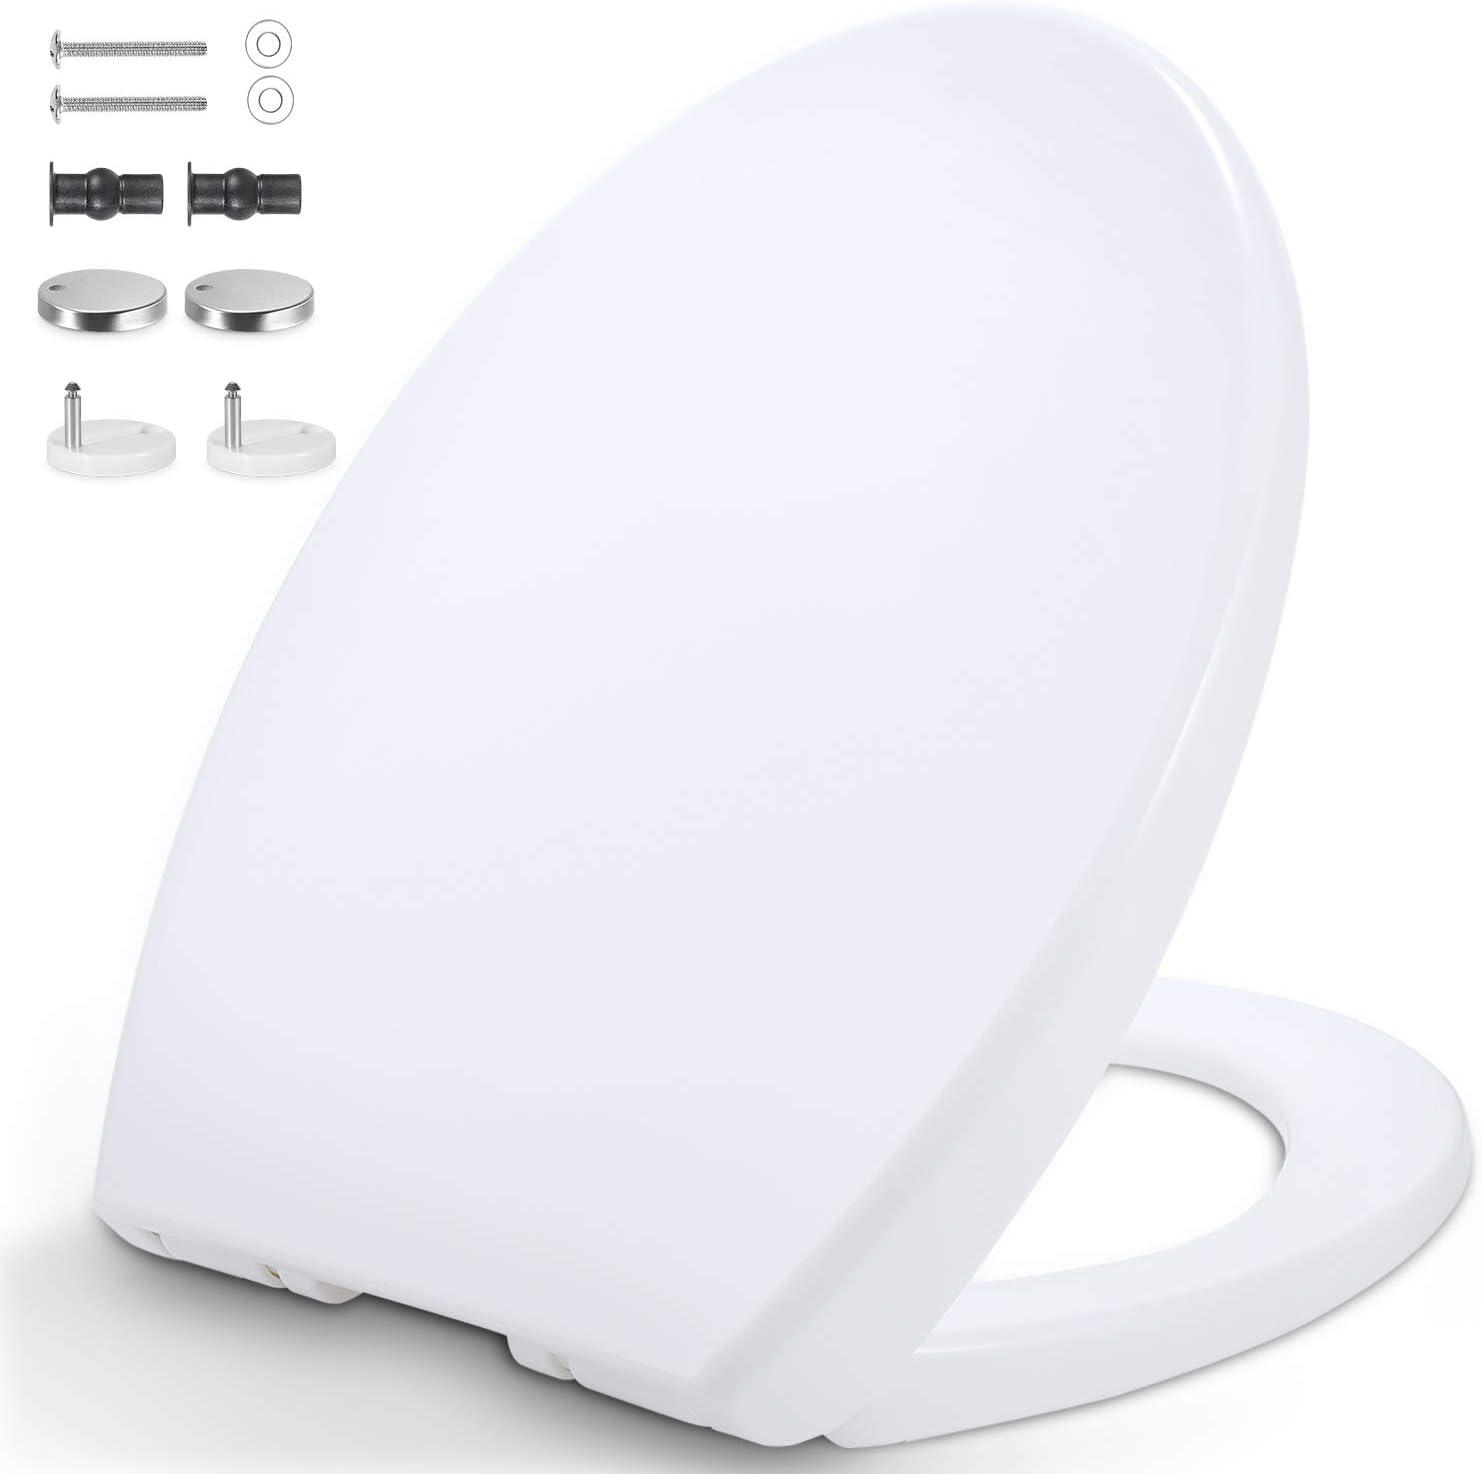 Tapa WC, Forma de O Universal Asiento para Inodoro con Cierre Suave y Desmontaje Rápido, Fácil de Instalación y Limpieza, Standard Blanco Tapas Inodoro WC, Polipropileno